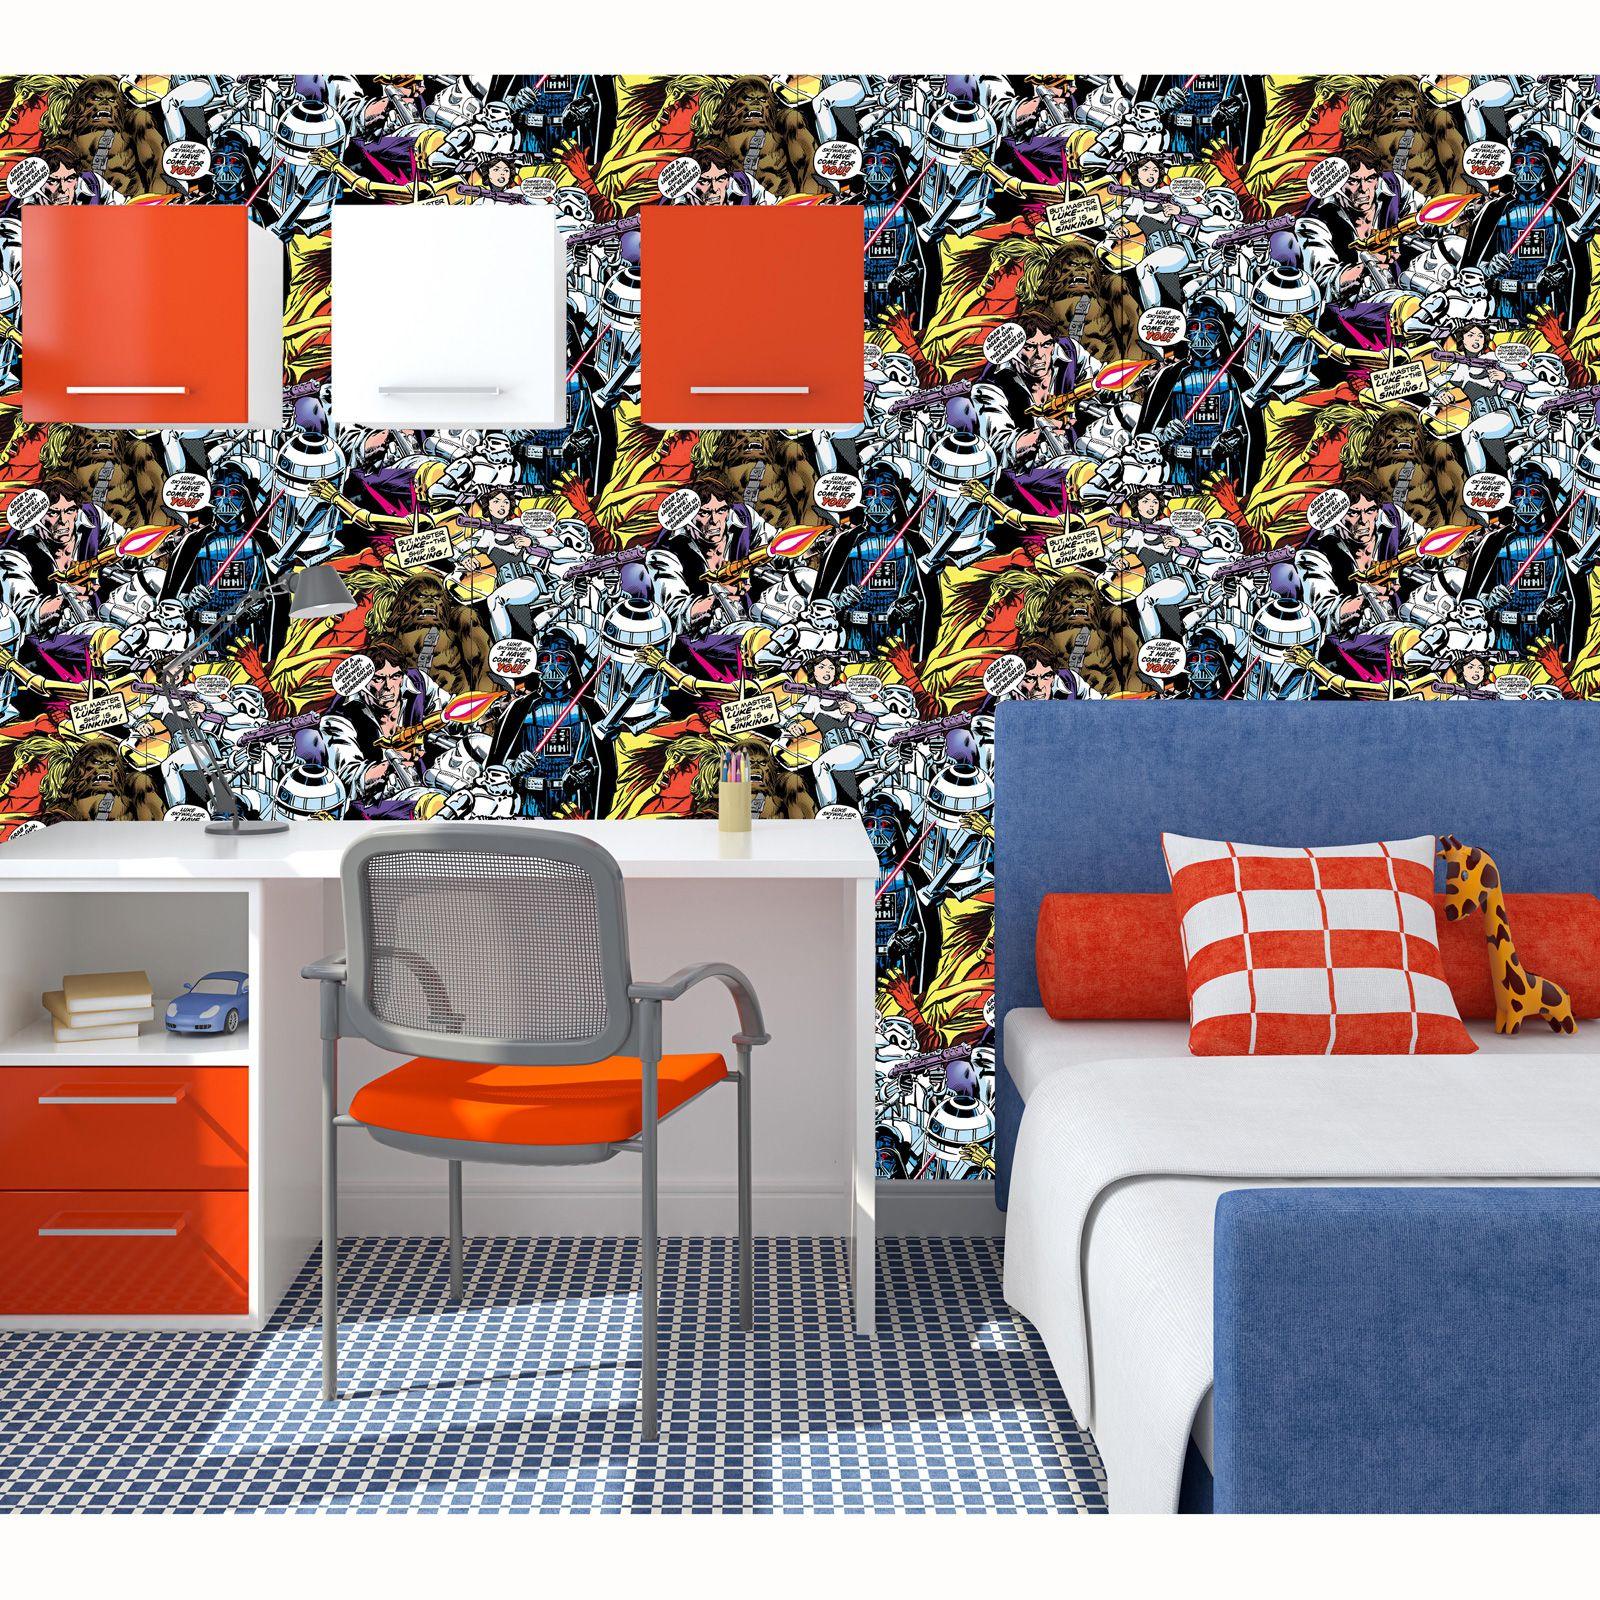 star wars wallpaper room decor | mimiku